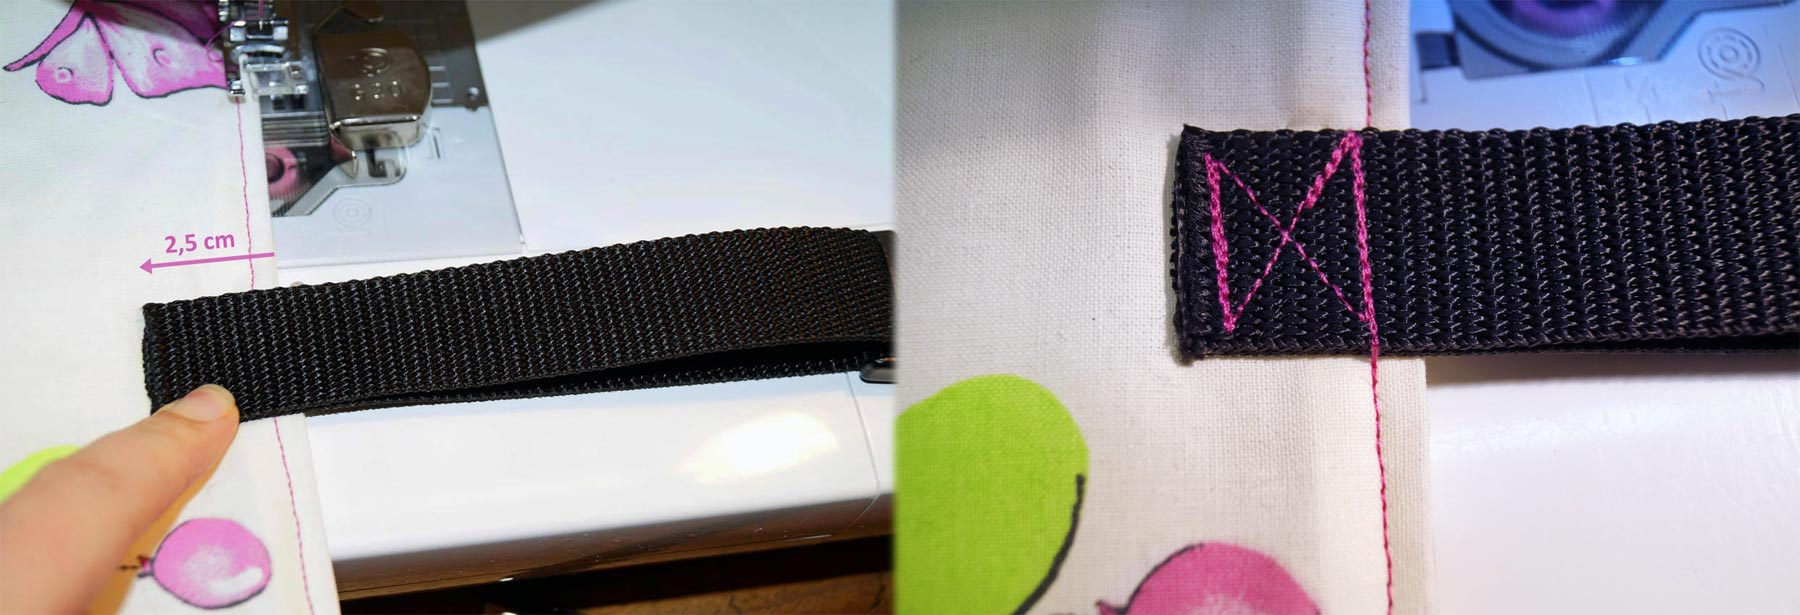 Gurtband zuschneiden. Gurtband an der rechten Seite  entsprechend der Anleitung anlegen., mit einem Kreuz festnähen und gut verheften.